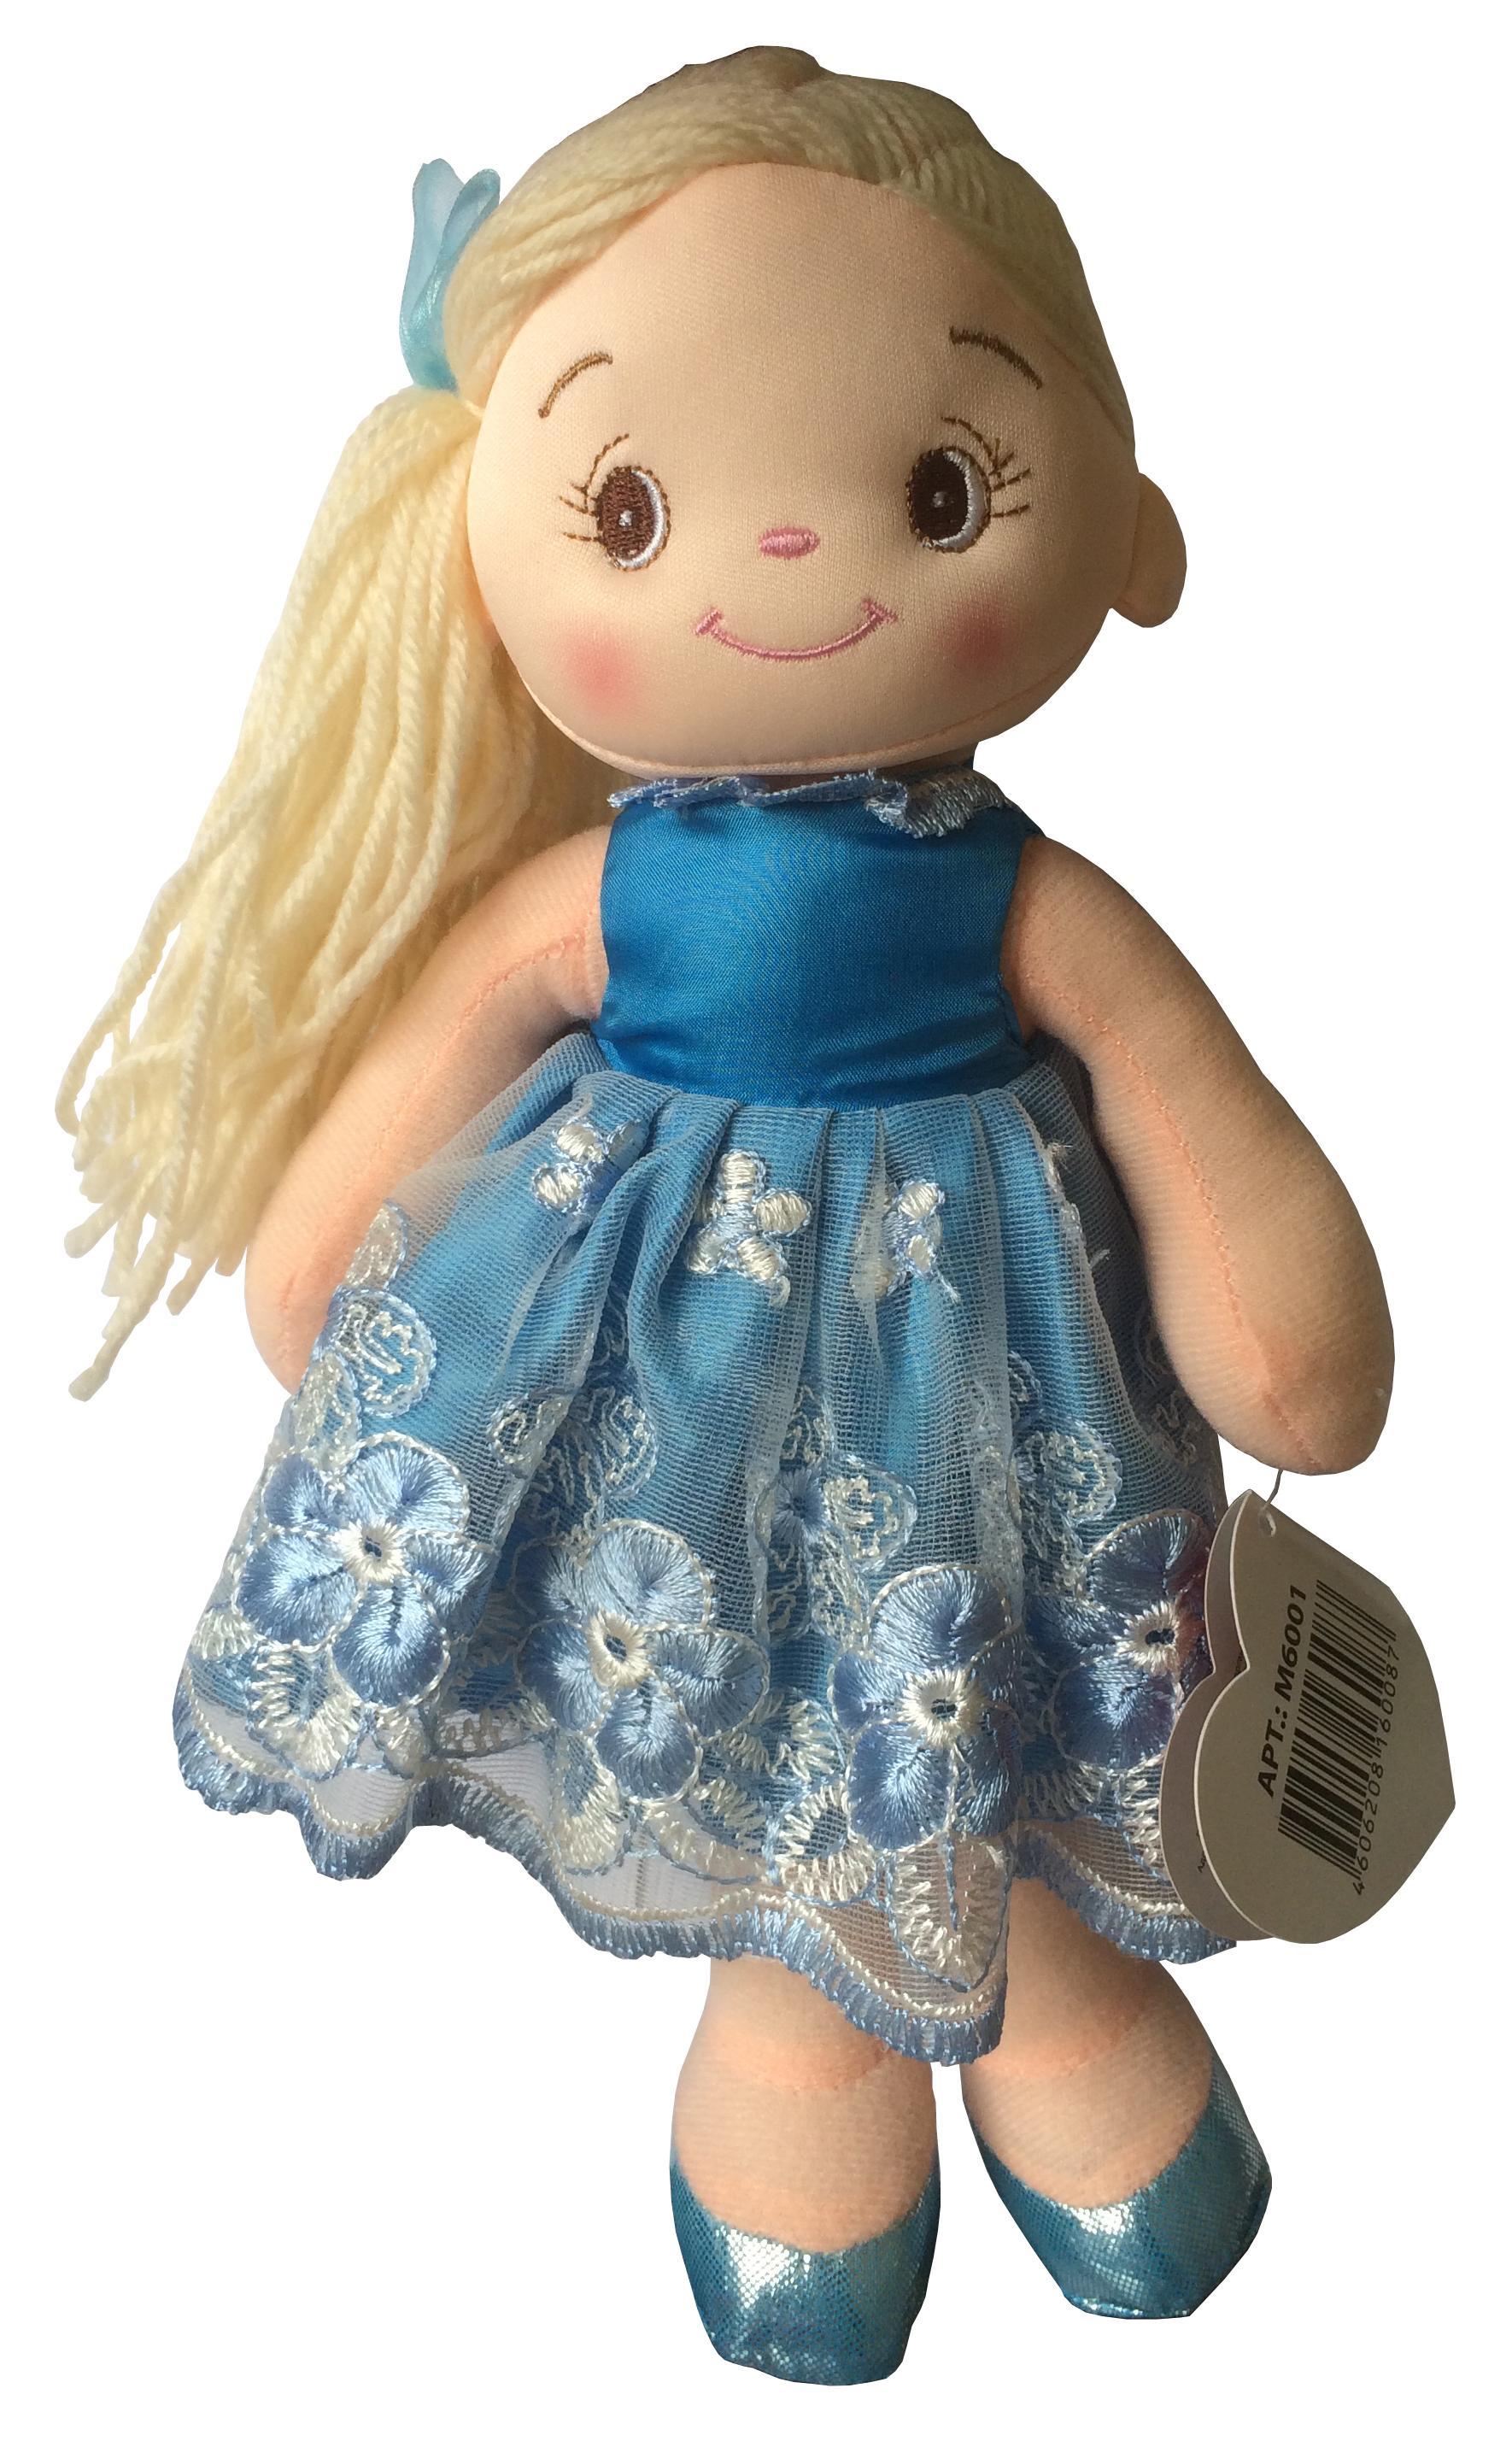 Мягкие игрушки ABtoys Кукла  «Балерина» мягконабиваная 30 см голубая